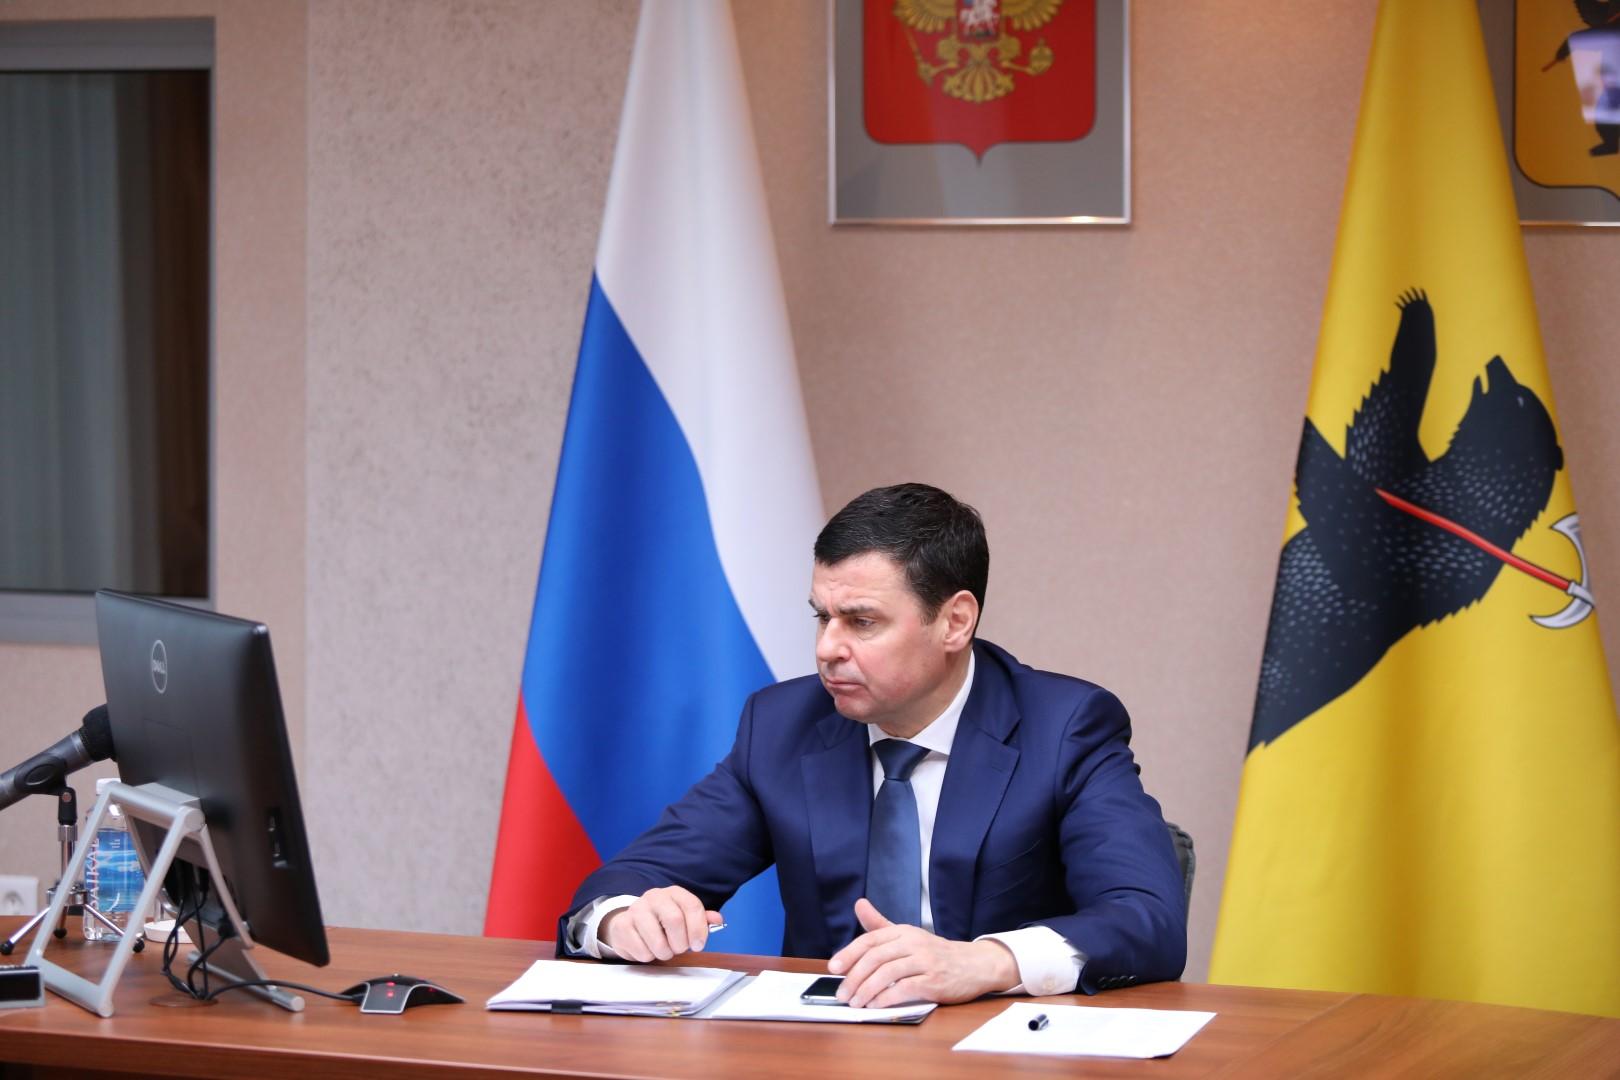 Дмитрий Миронов призвал молодежь пользоваться новыми возможностями, которые дает государство